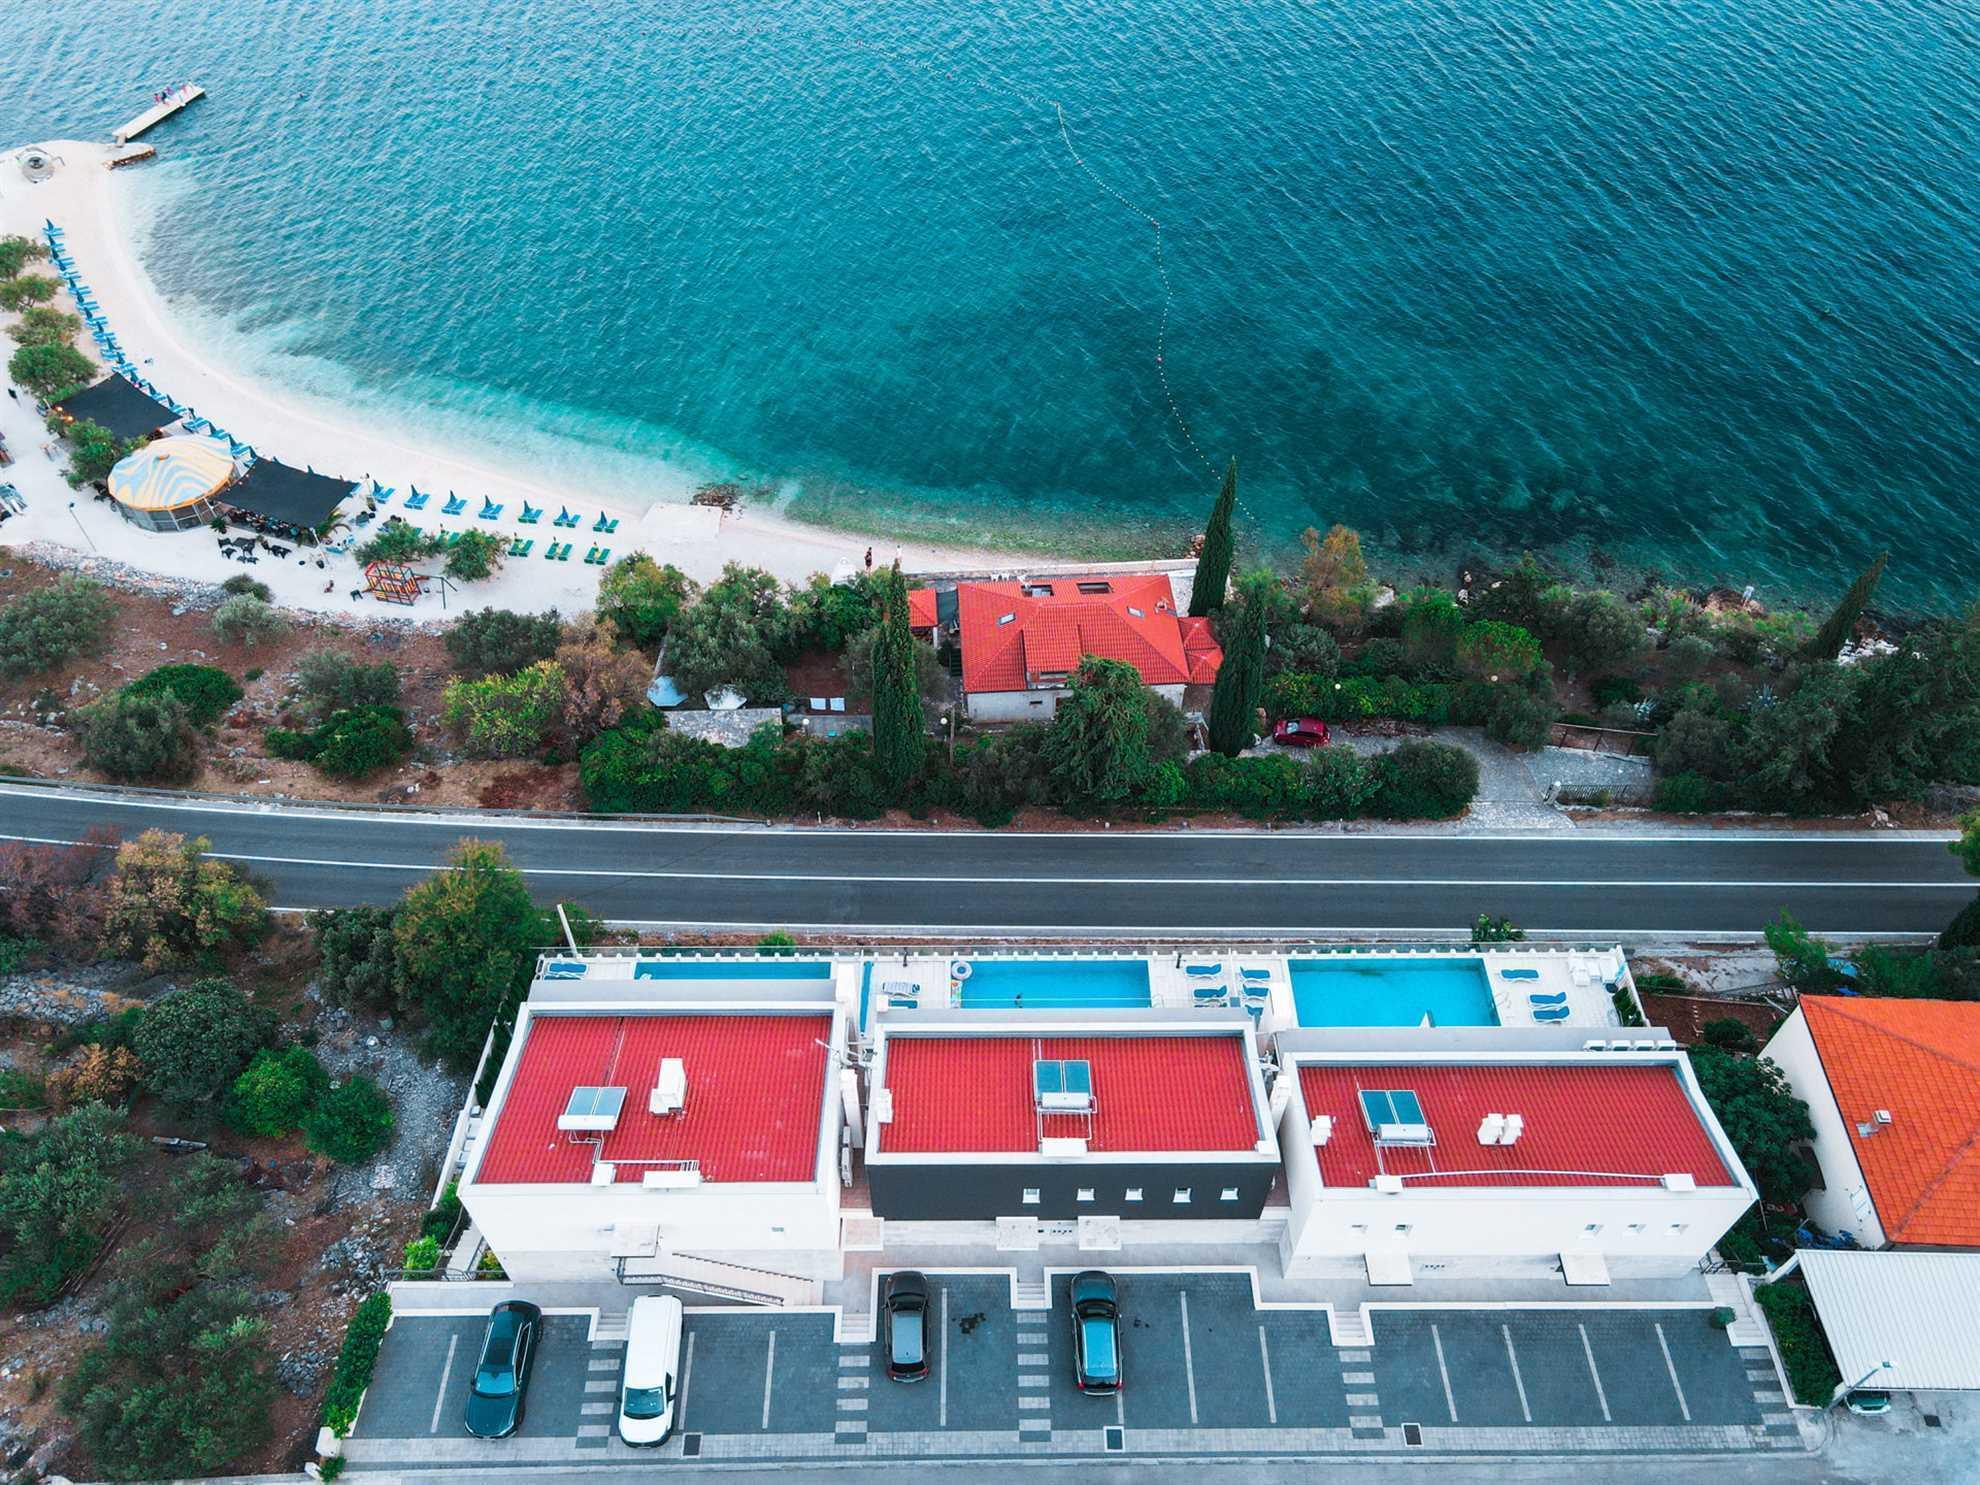 Ocean View Complex Trogir with the beach